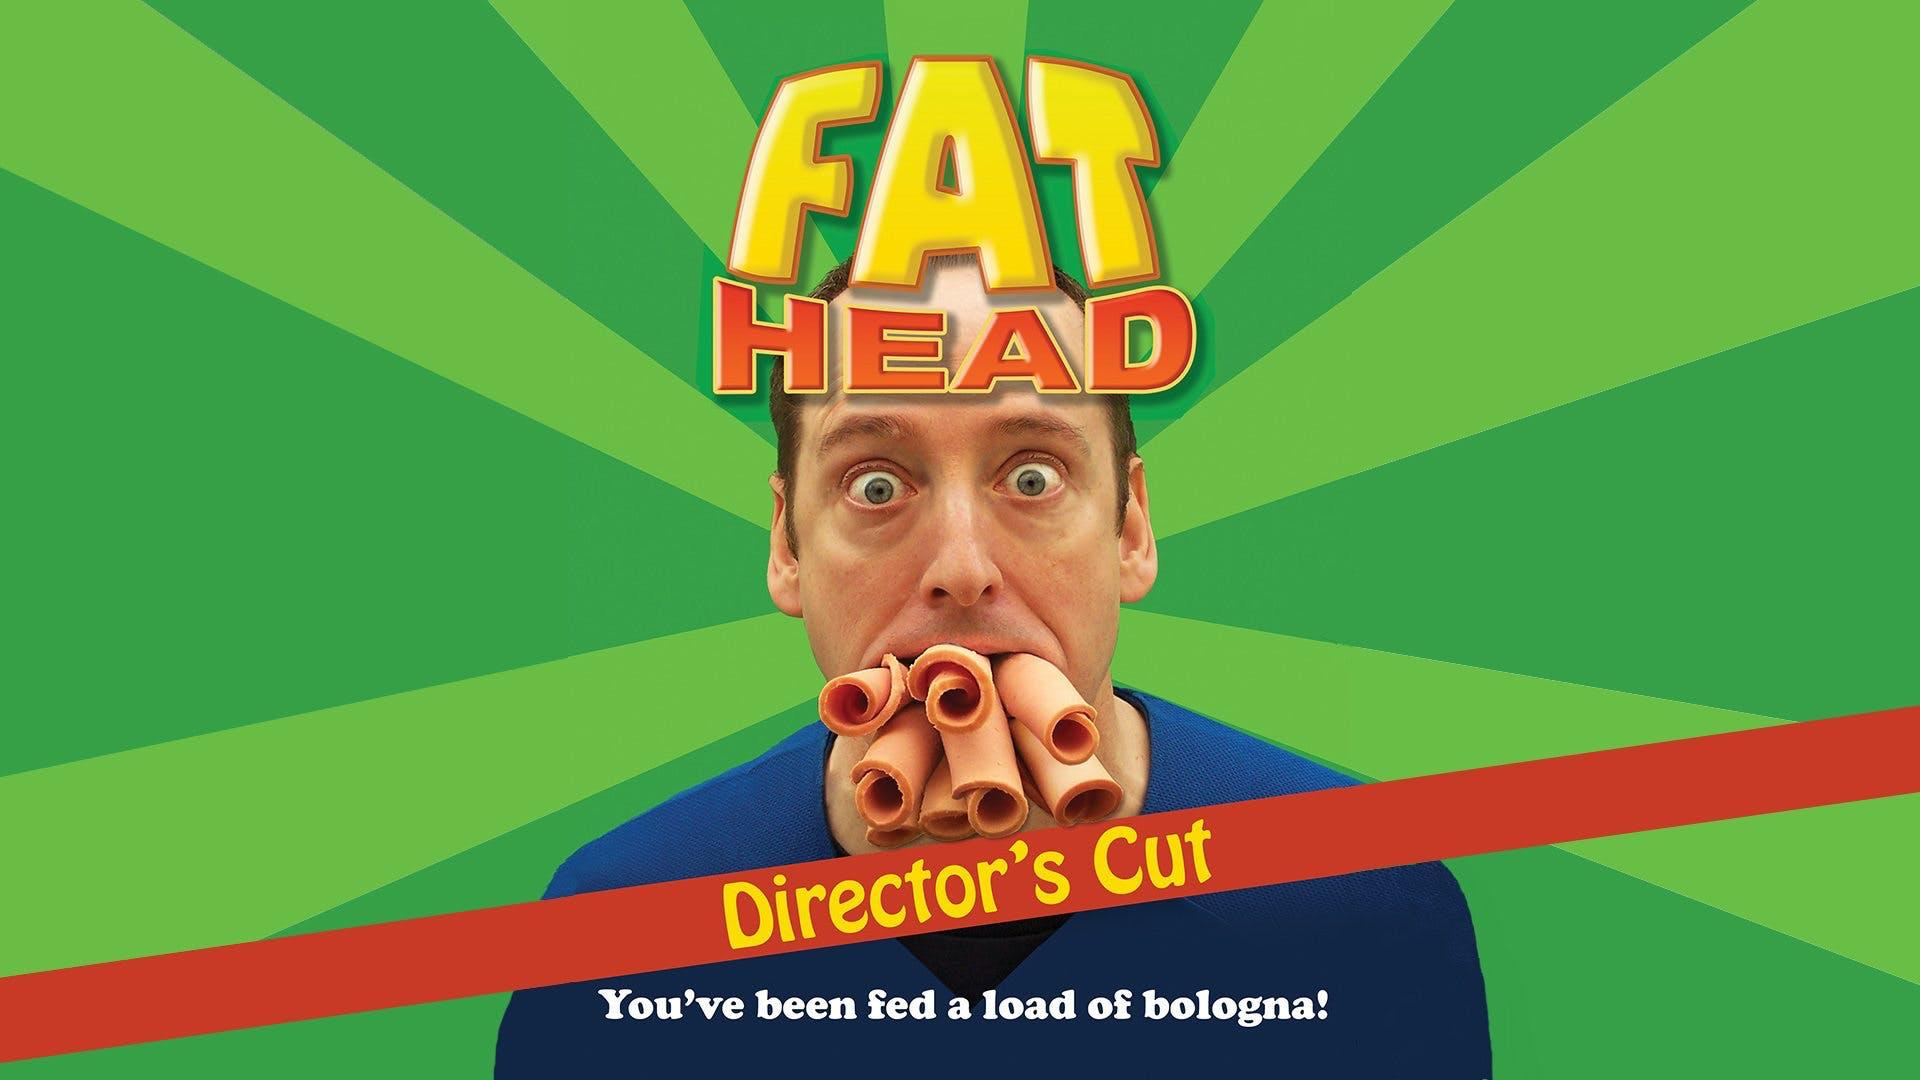 Fat Head Directors Cut